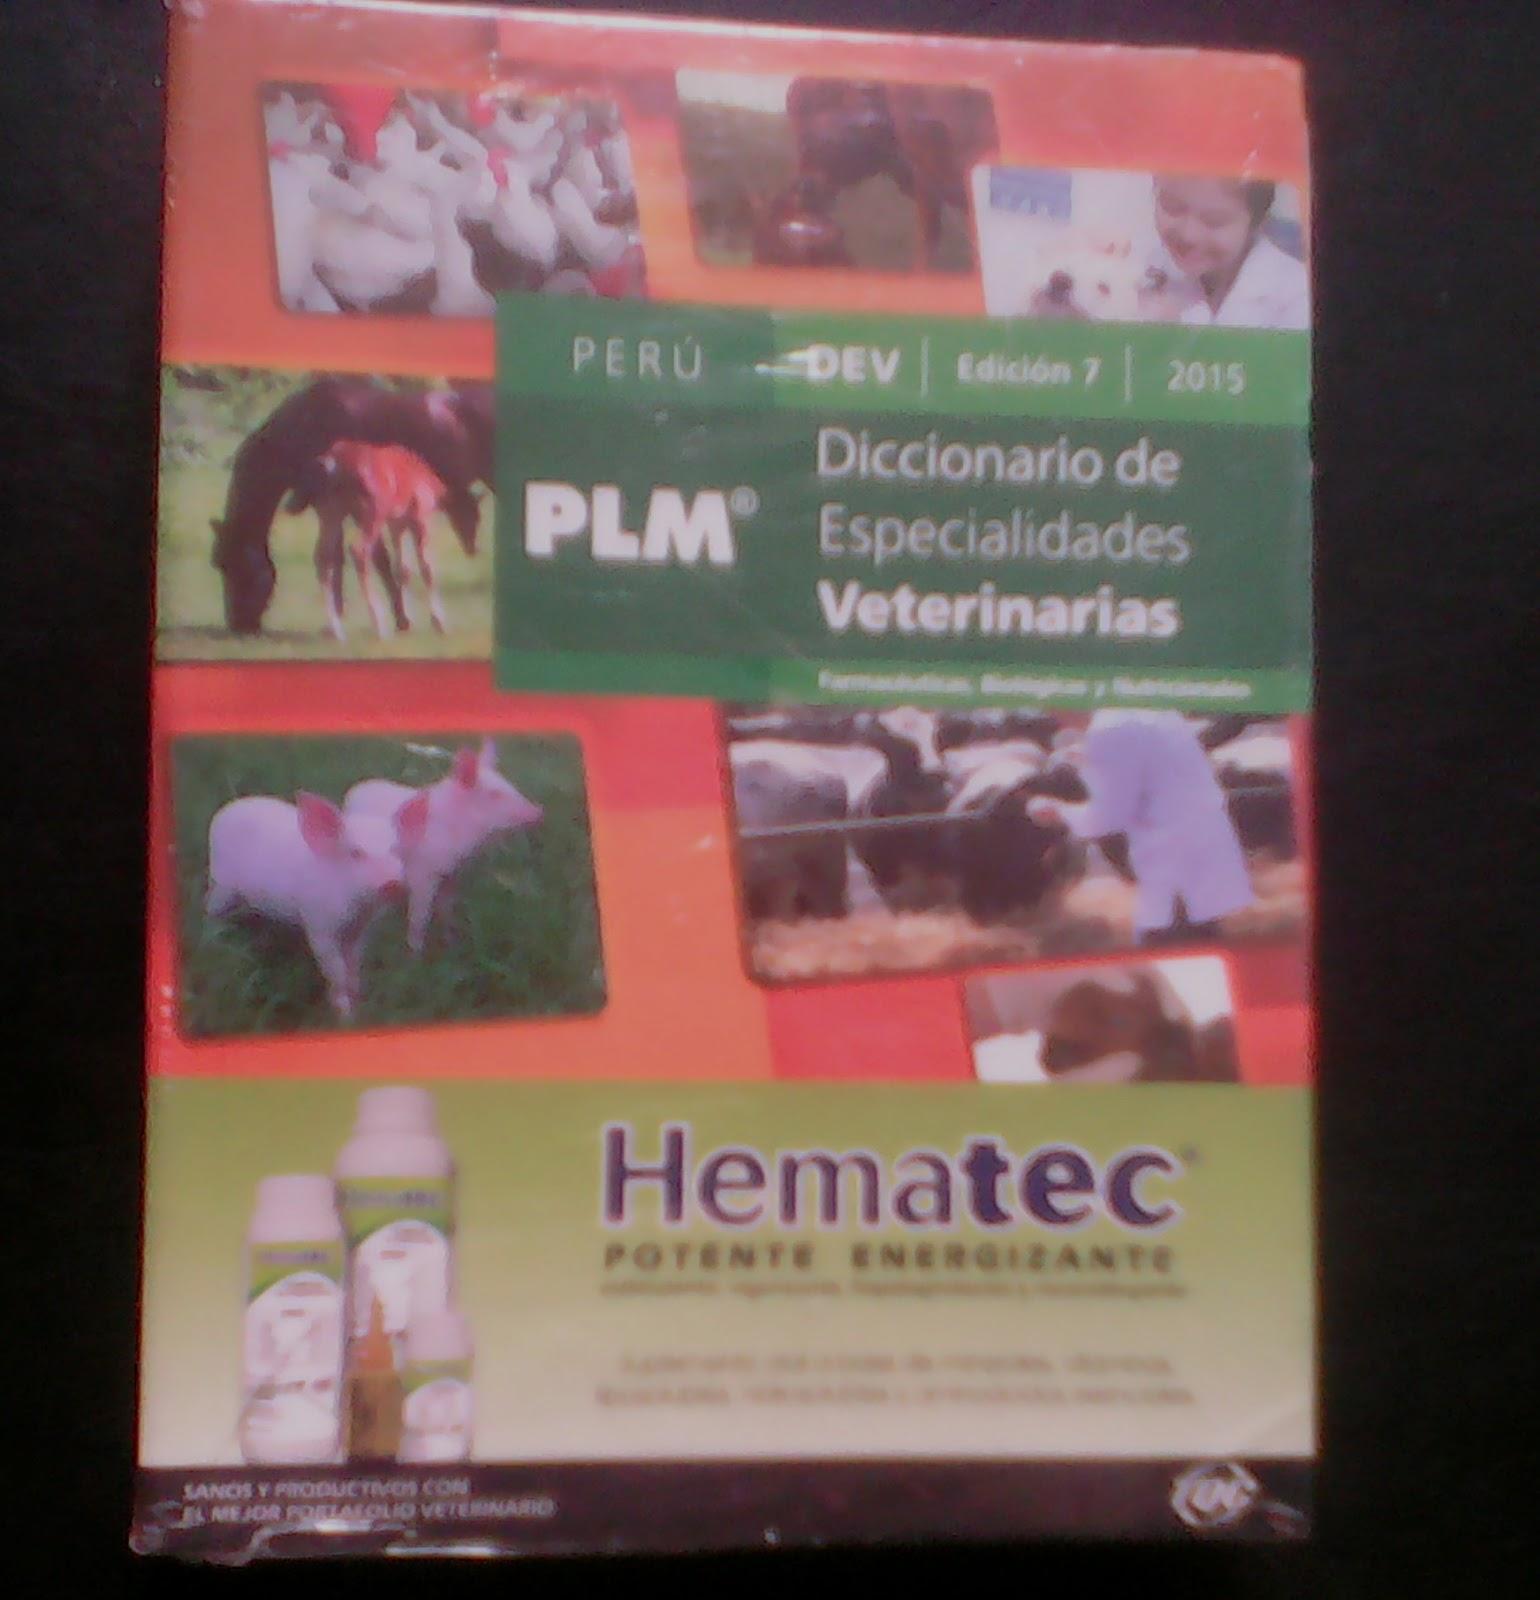 De plm farmaceuticas diccionario pdf especialidades